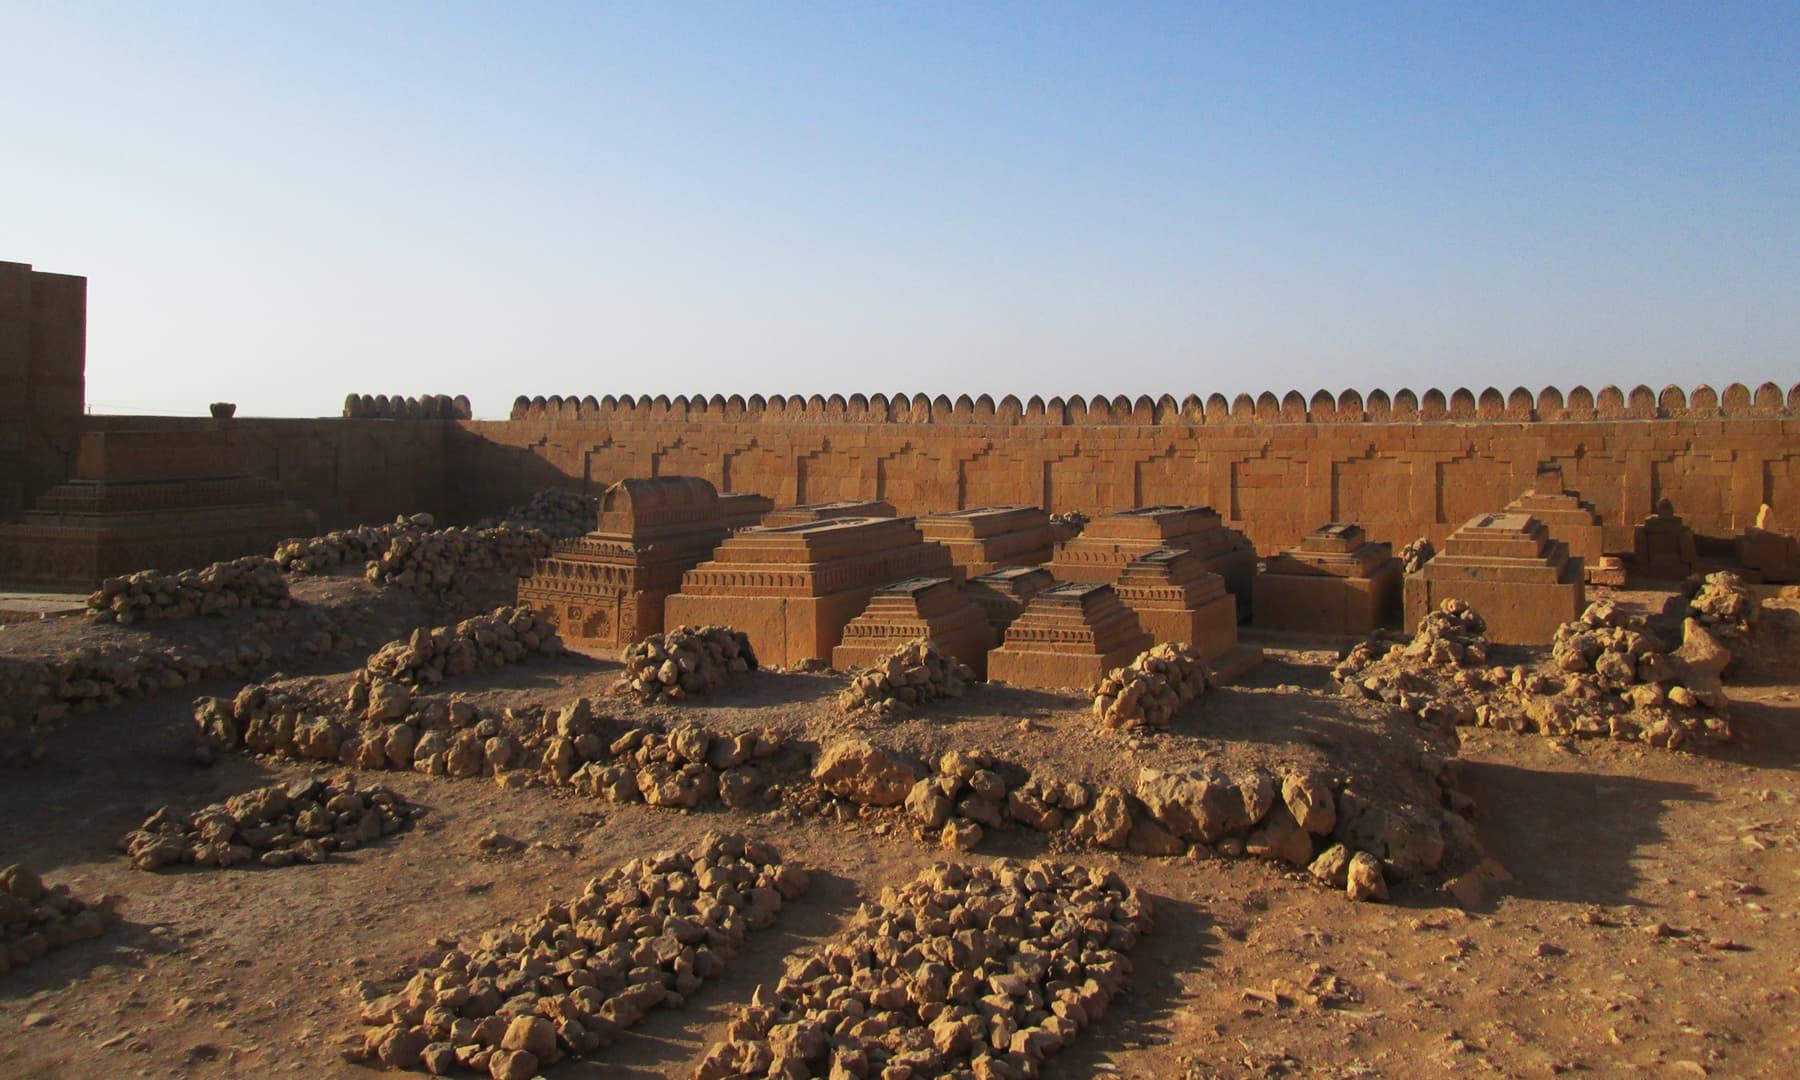 مقبرے کی چاردیواری کے اندر موجود دیگر قبریں — تصویر ابوبکر شیخ